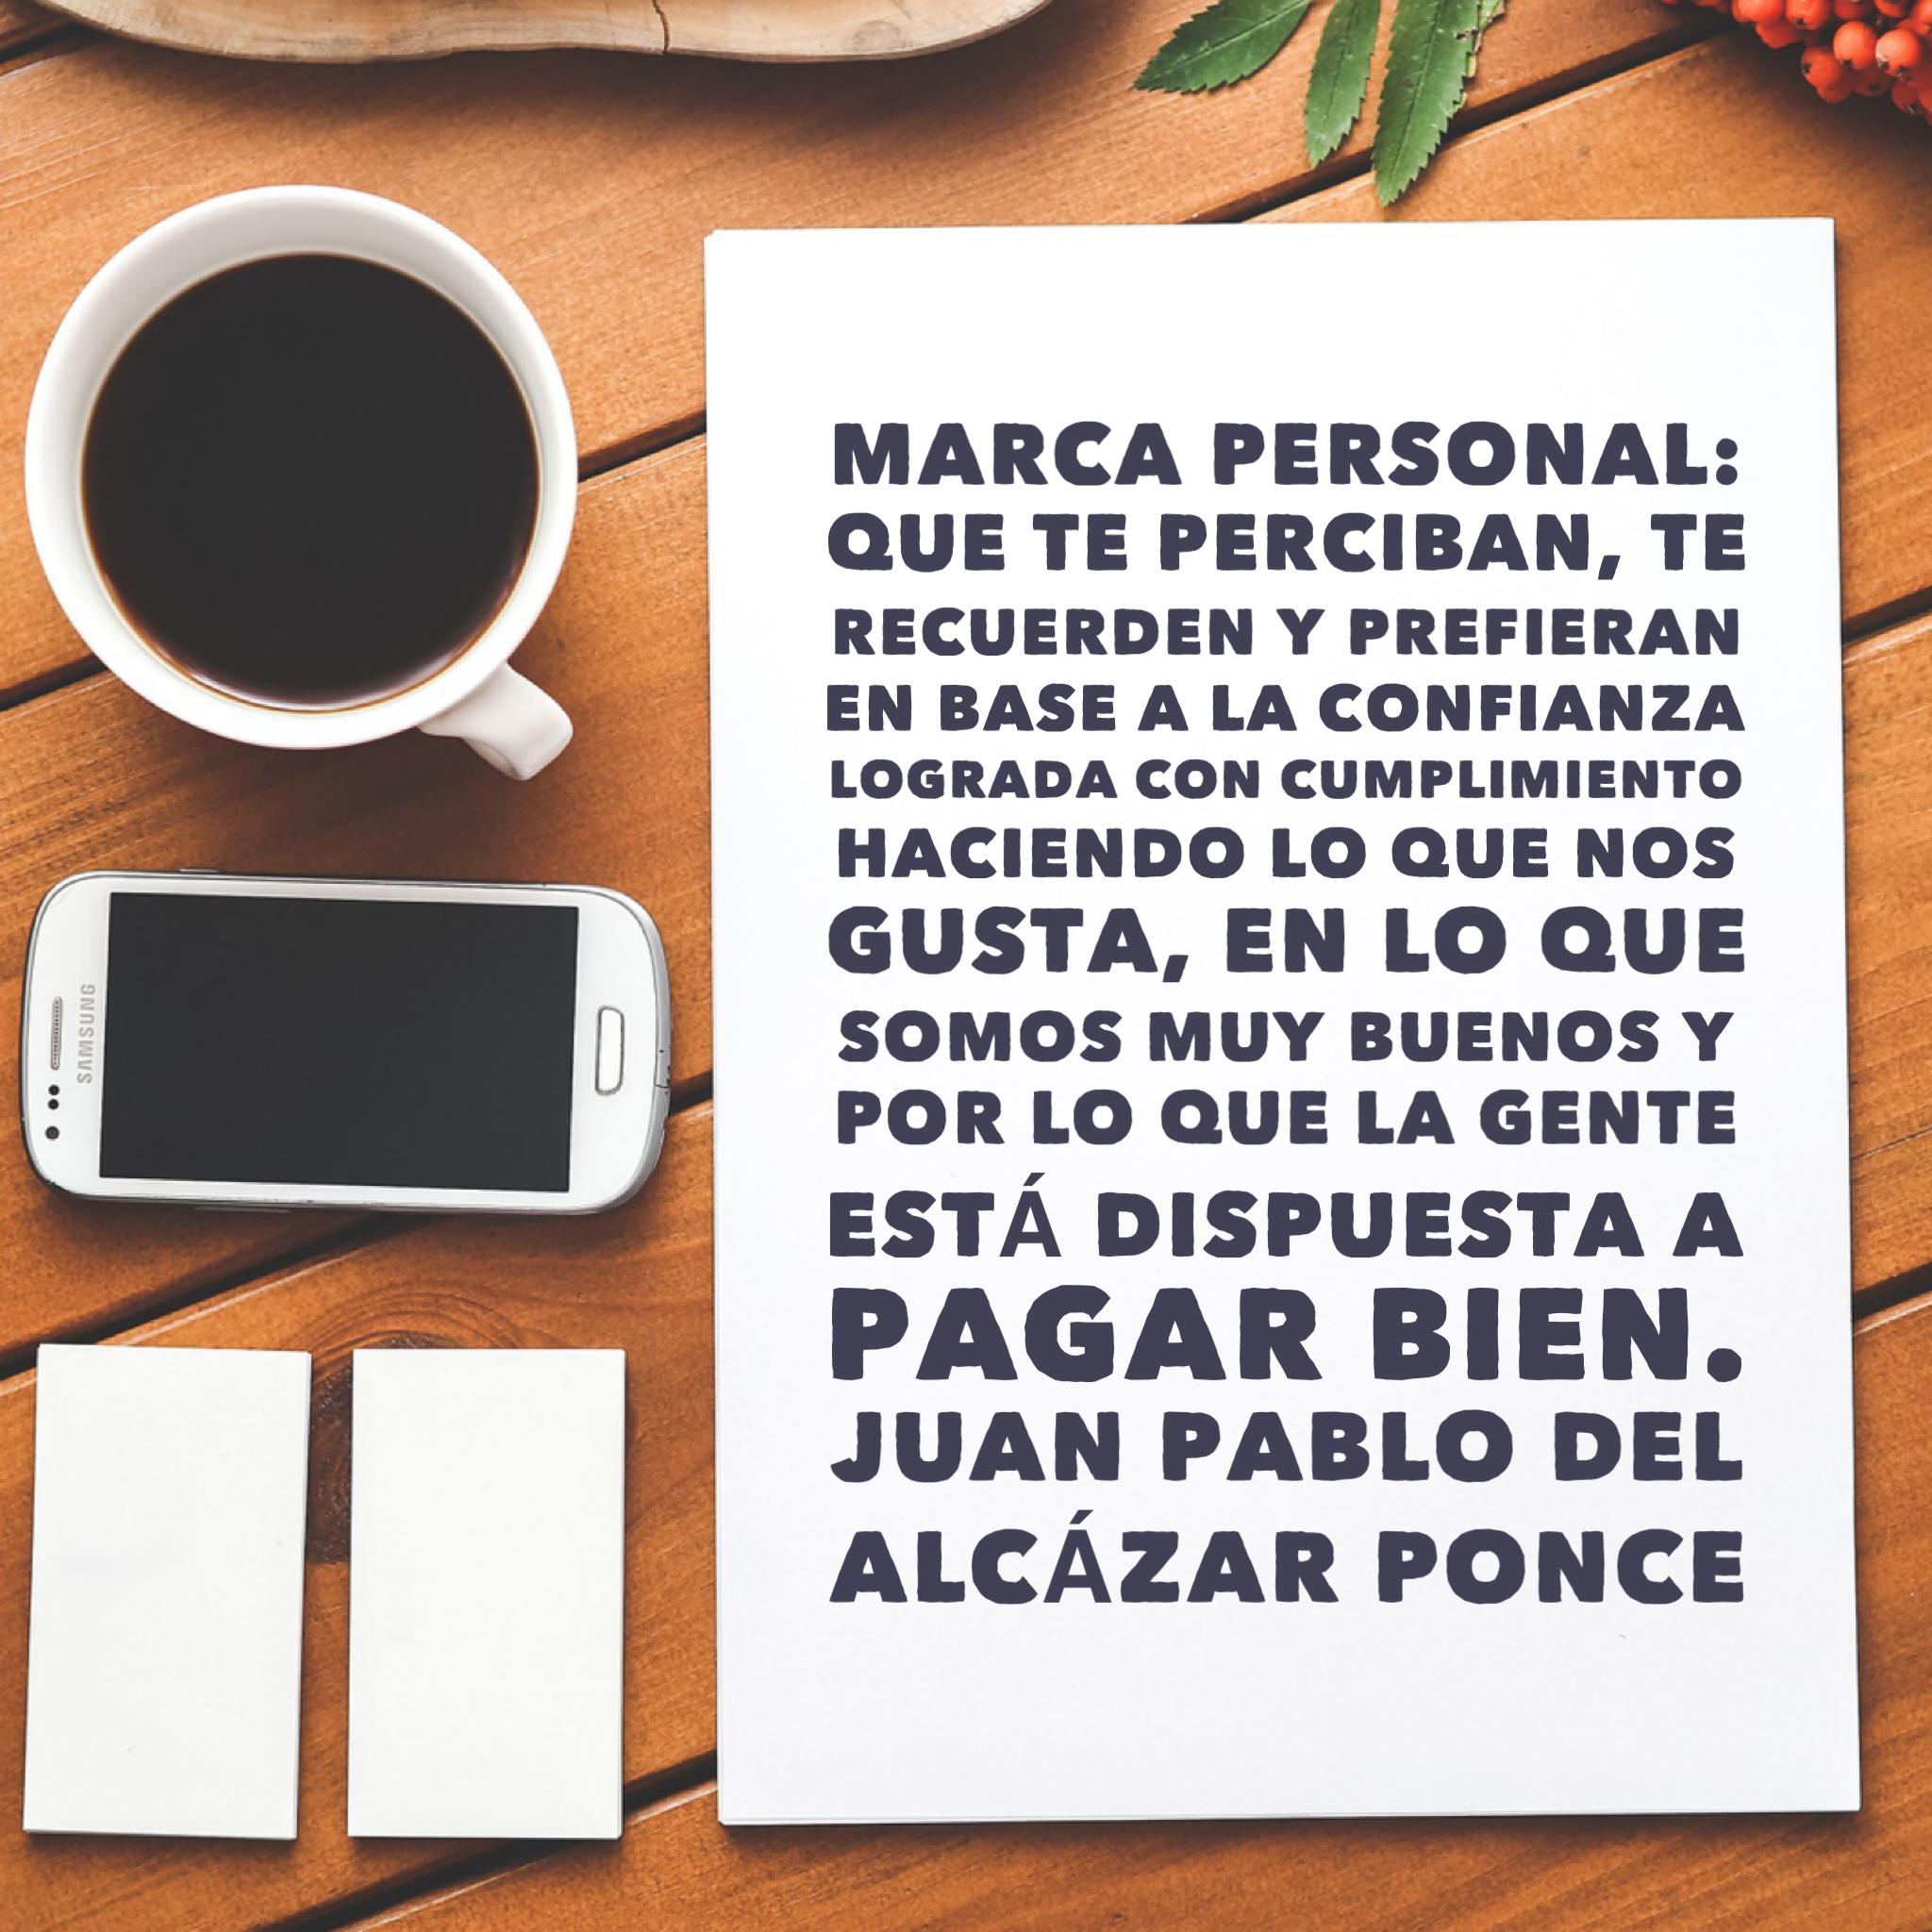 Marcas Personales Del Alcazar